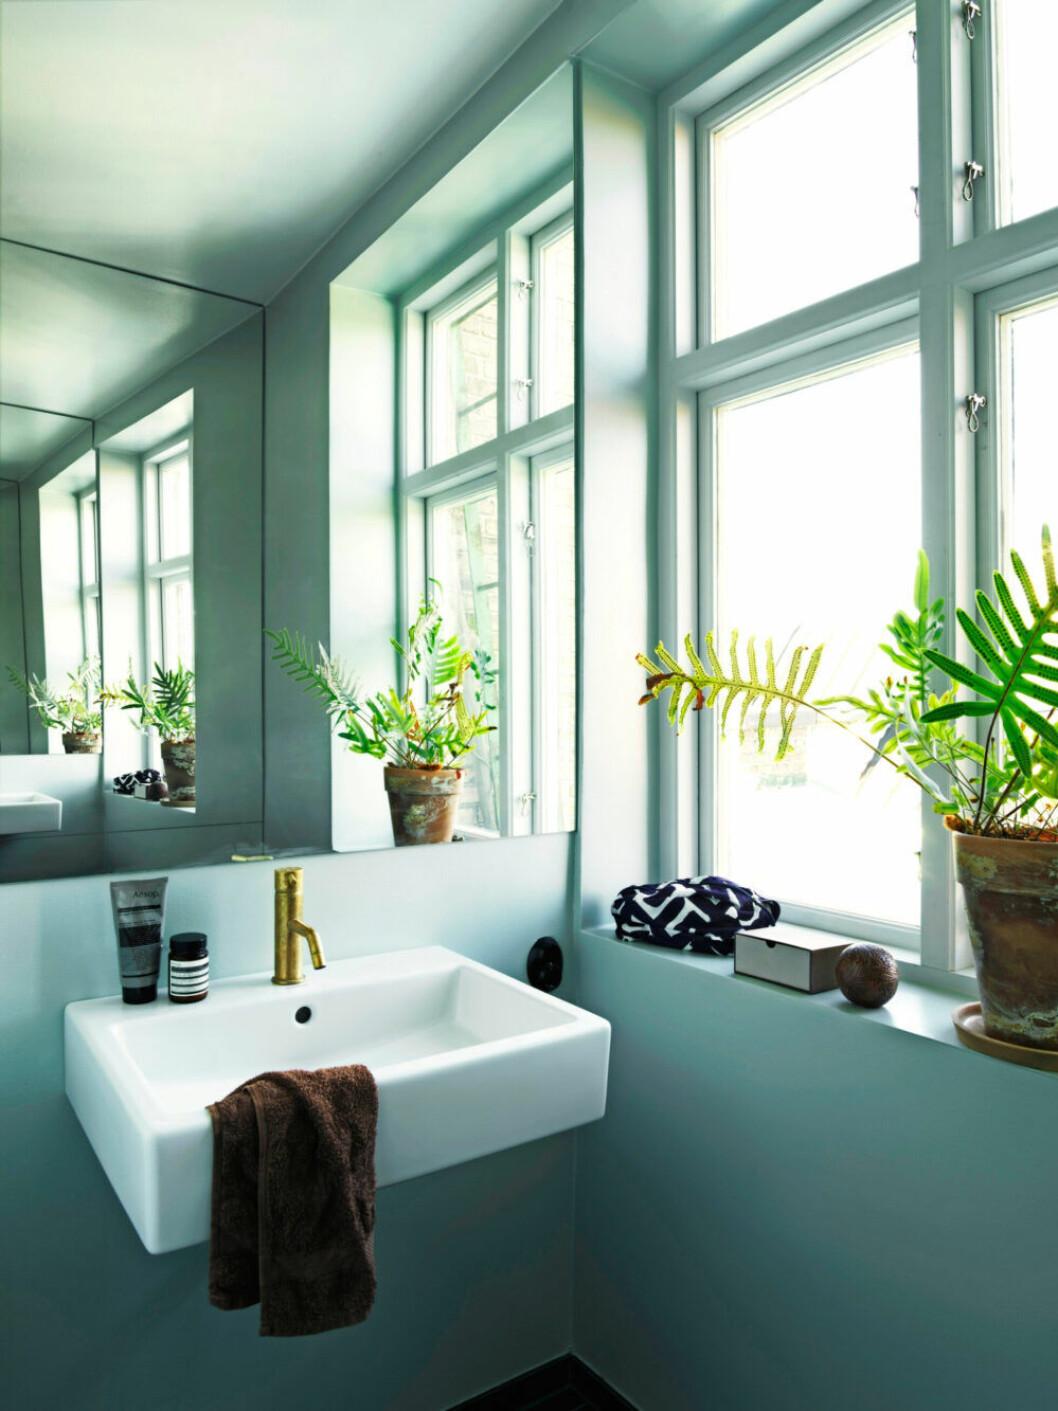 Badrummet går i ljusgröna toner med växter längs fönstret hemma hos Sofia Linfeldt i Skåne